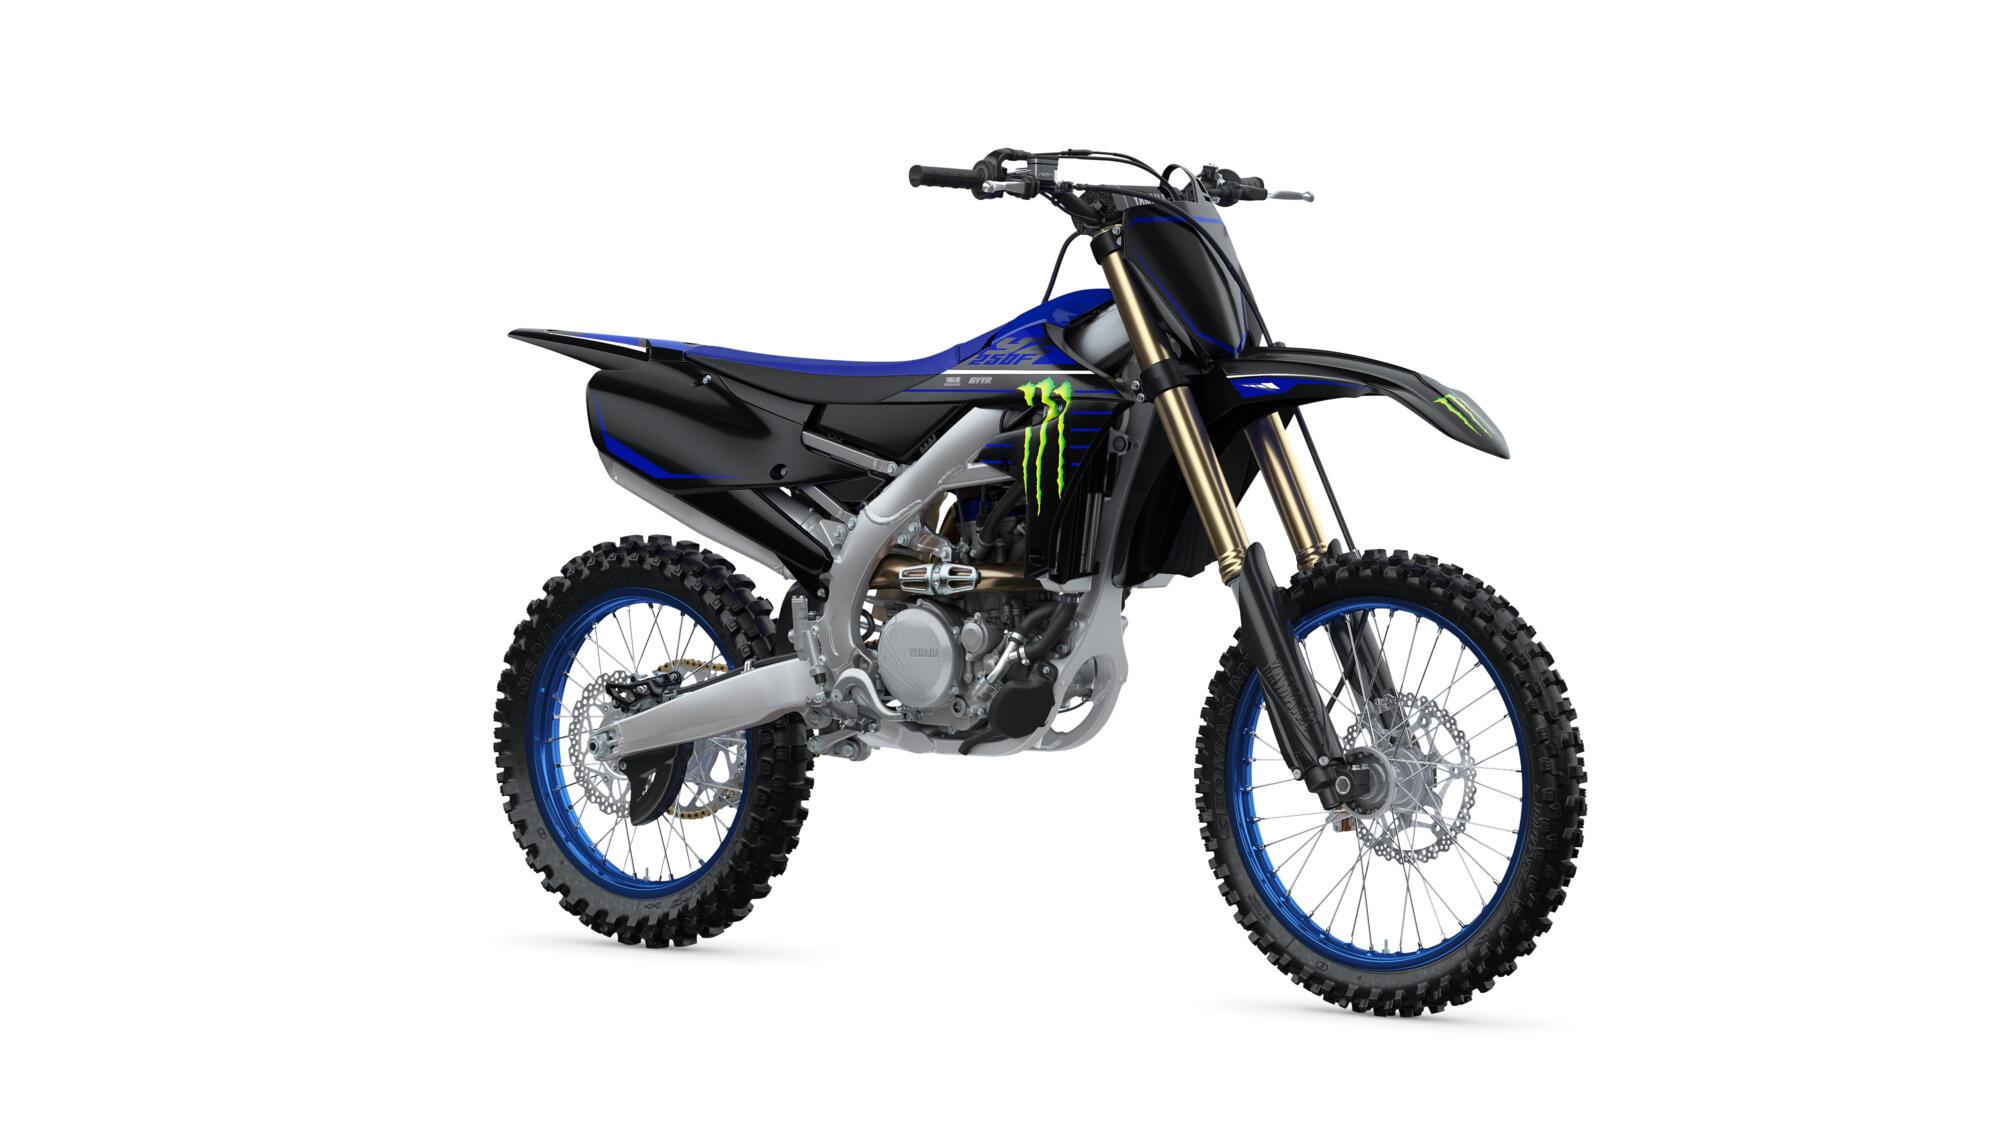 YZ250F Monster Energy Yamaha Racing Edition 2022